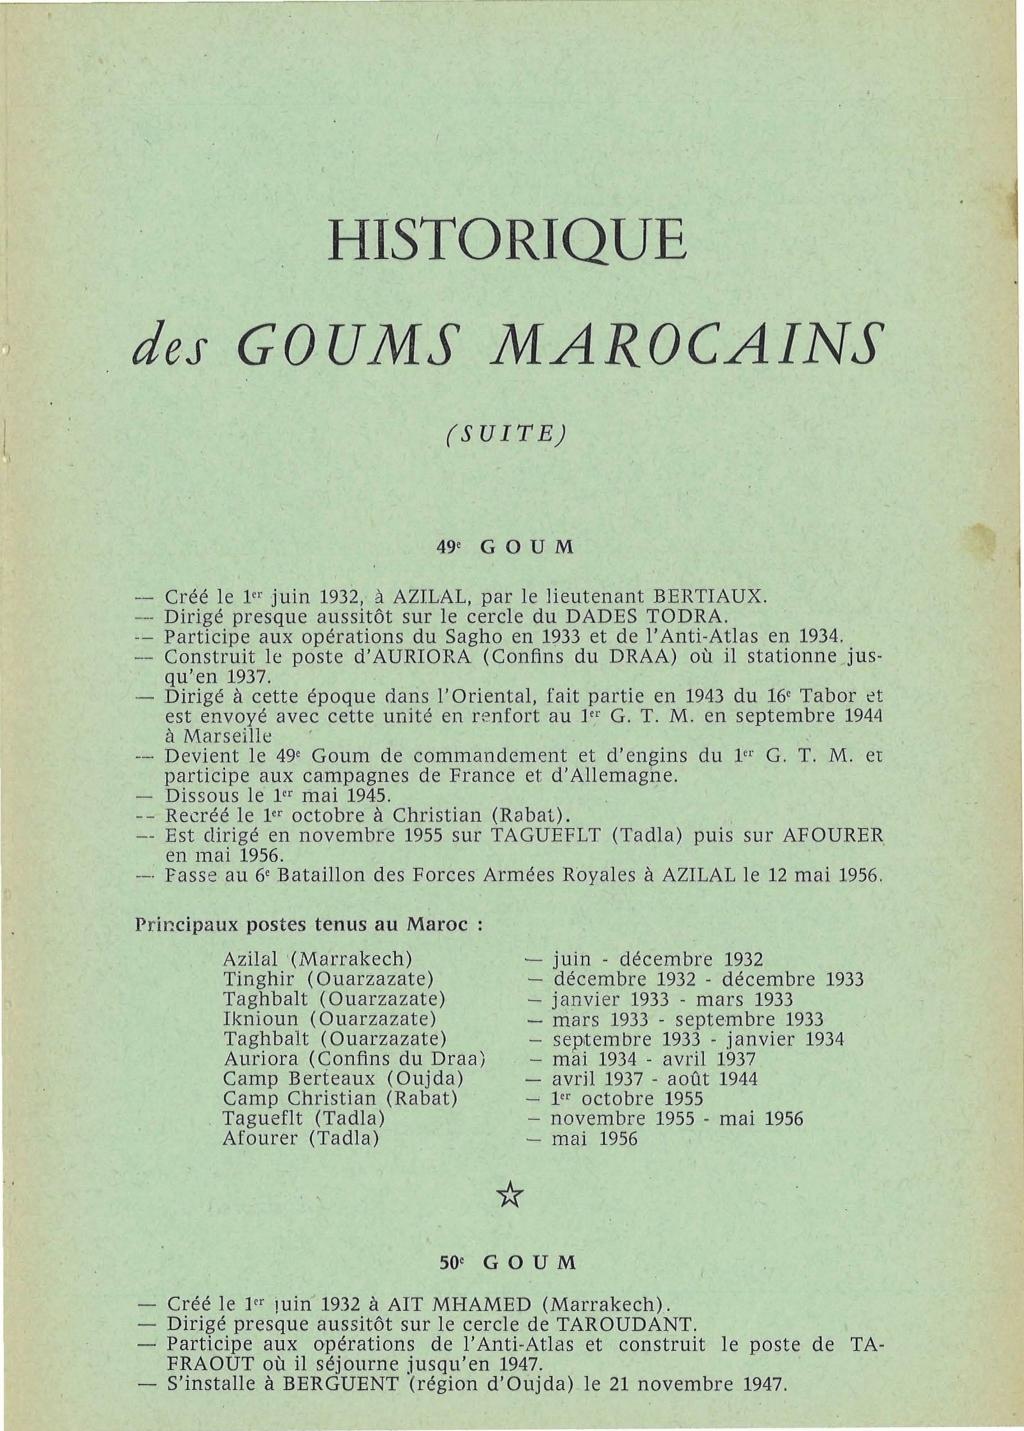 12 mai 1956 - Dissolution des Goumiers & integration aux FAR La_kou32